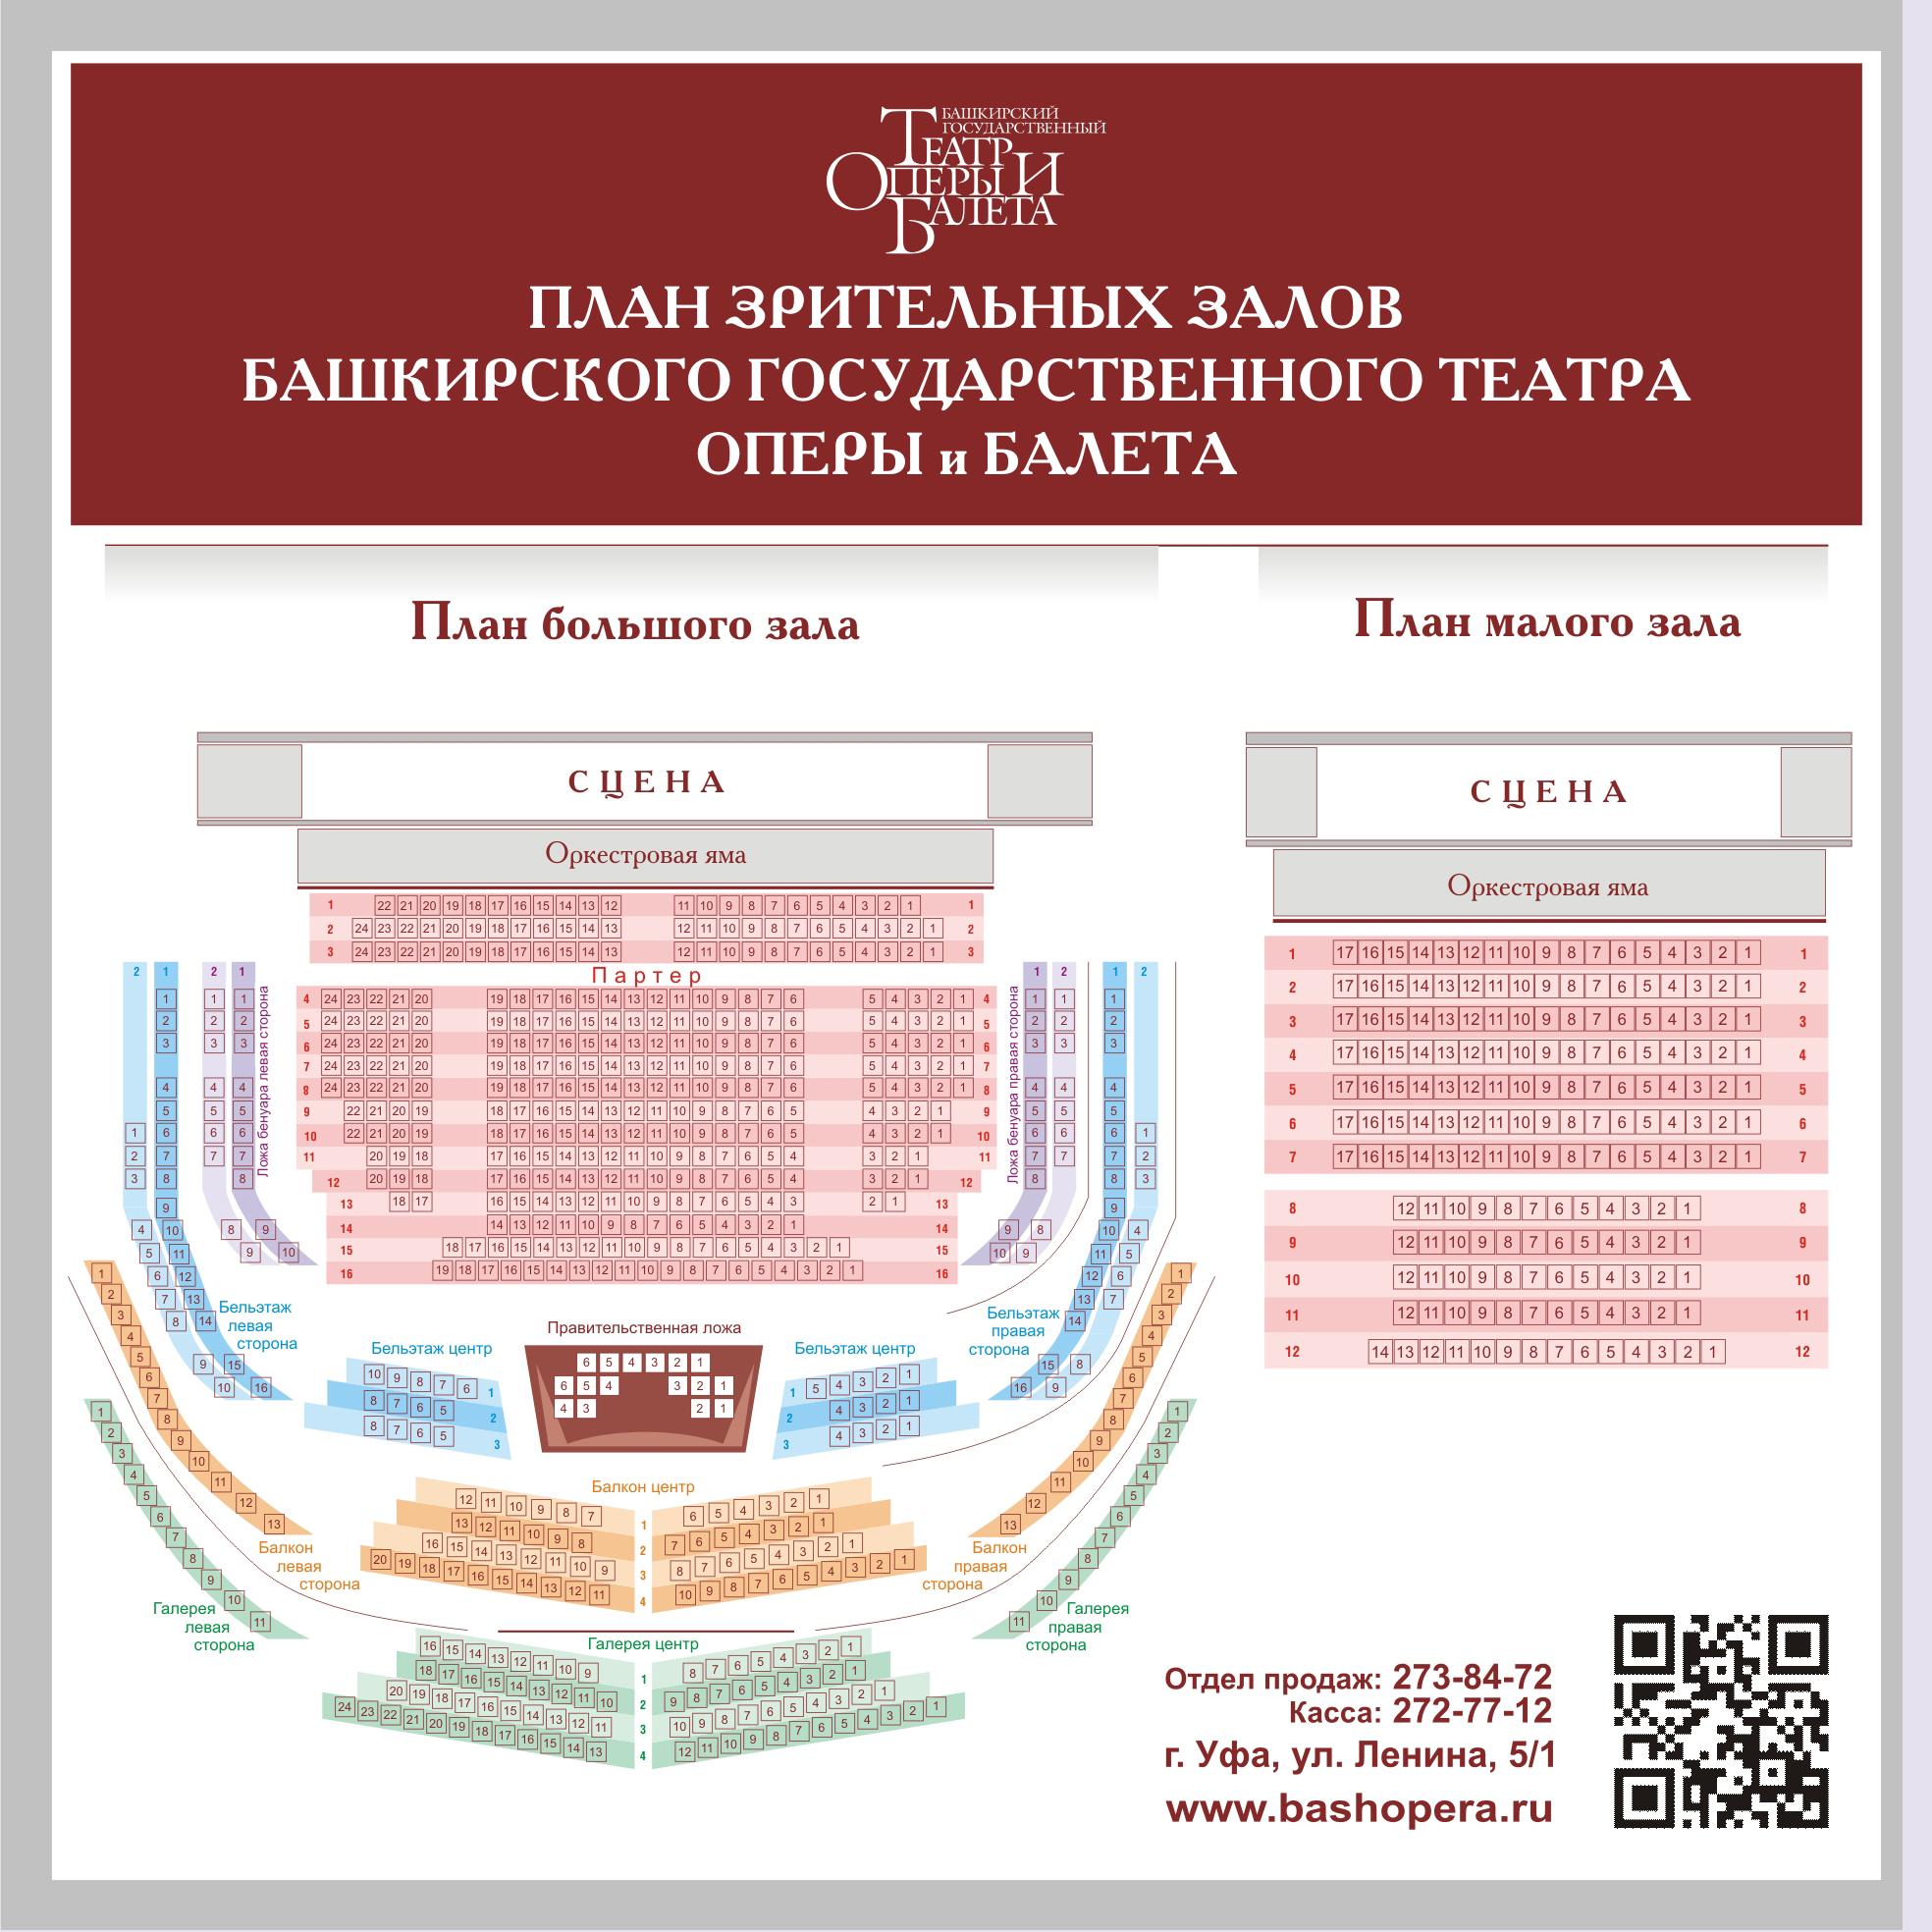 воронеж театр оперы и балета схема зала